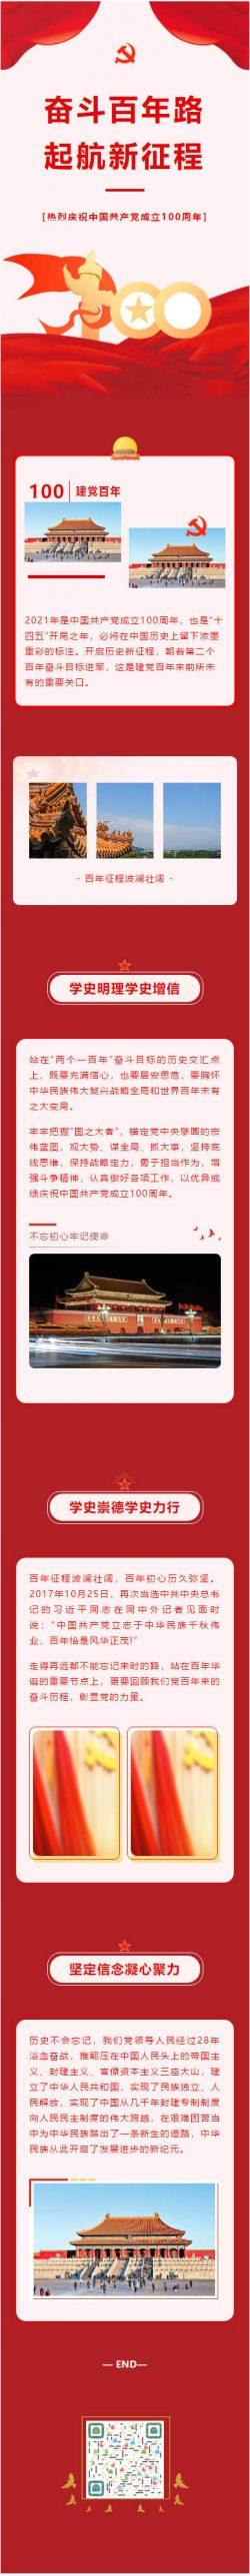 庆祝中国共产党成立100周年红色党政推文素材建党节推送文章